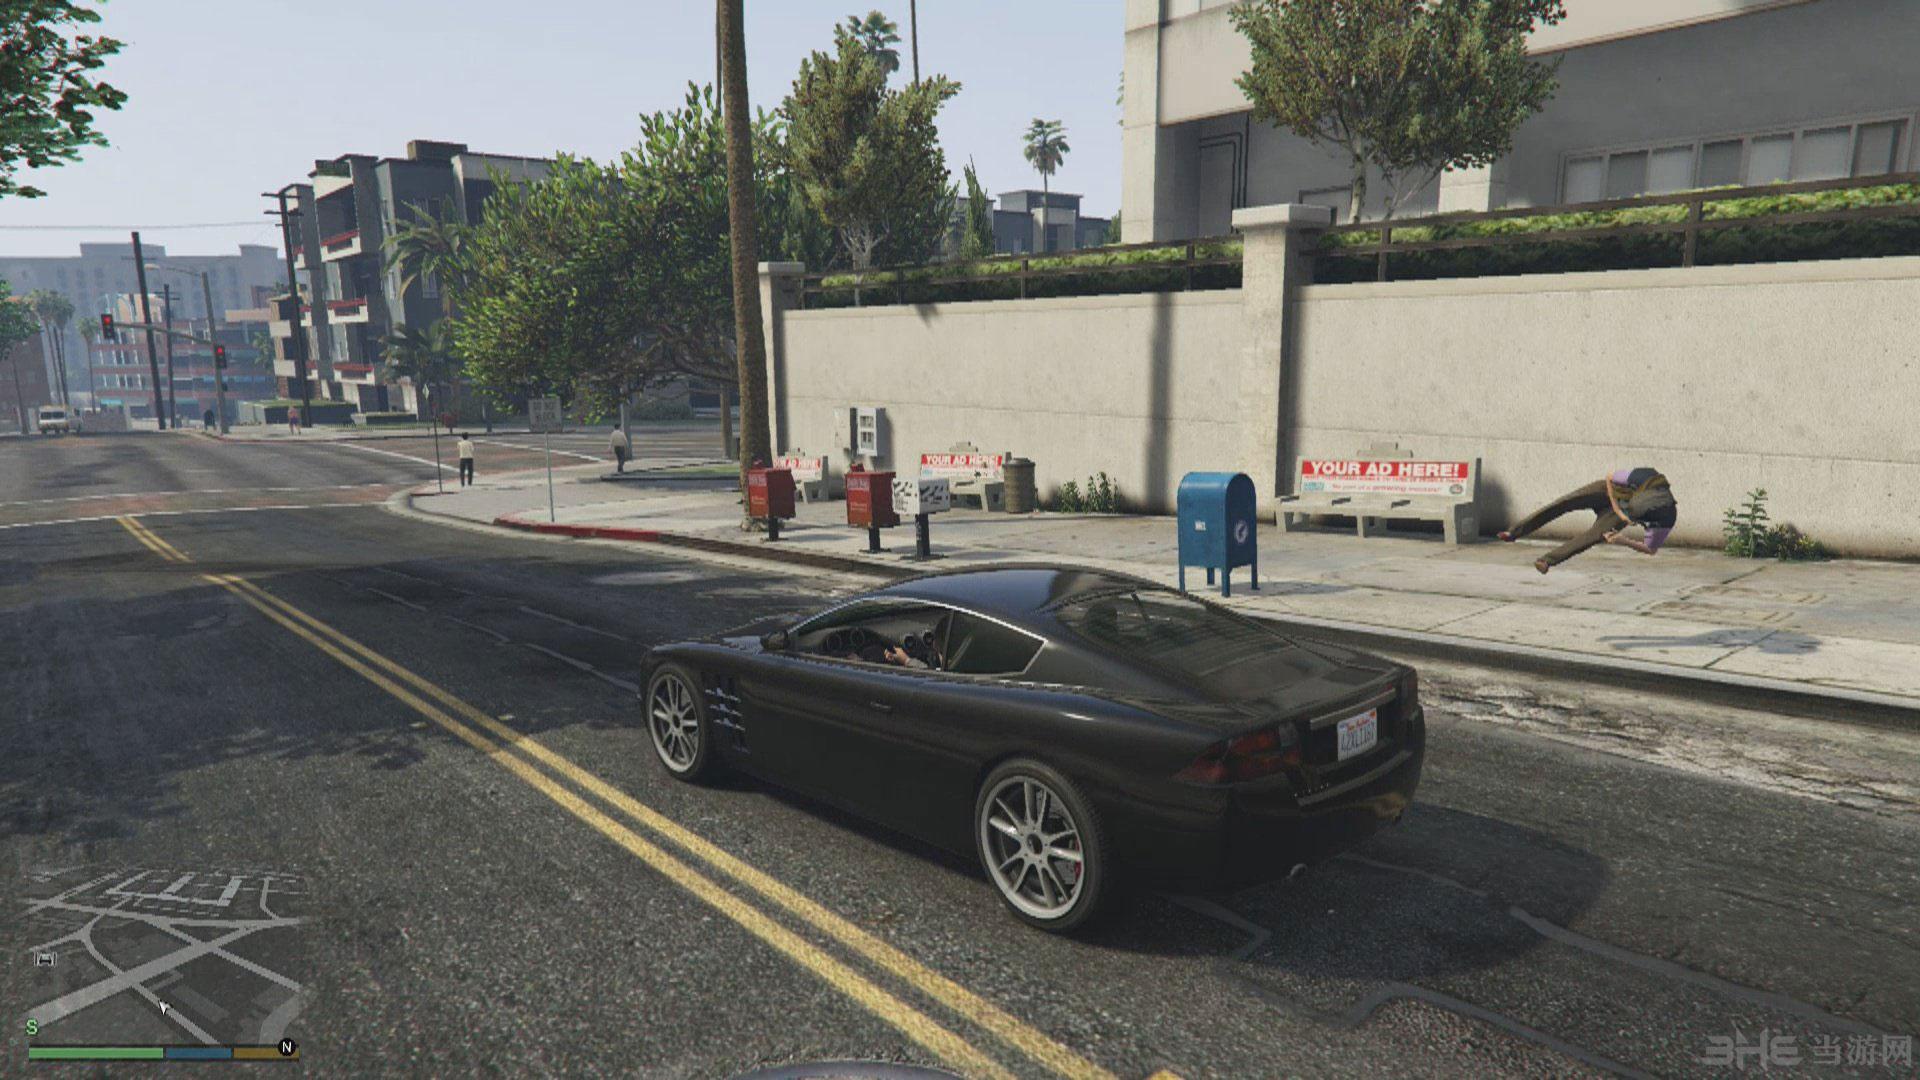 侠盗猎车手5弹出乘客MOD截图3